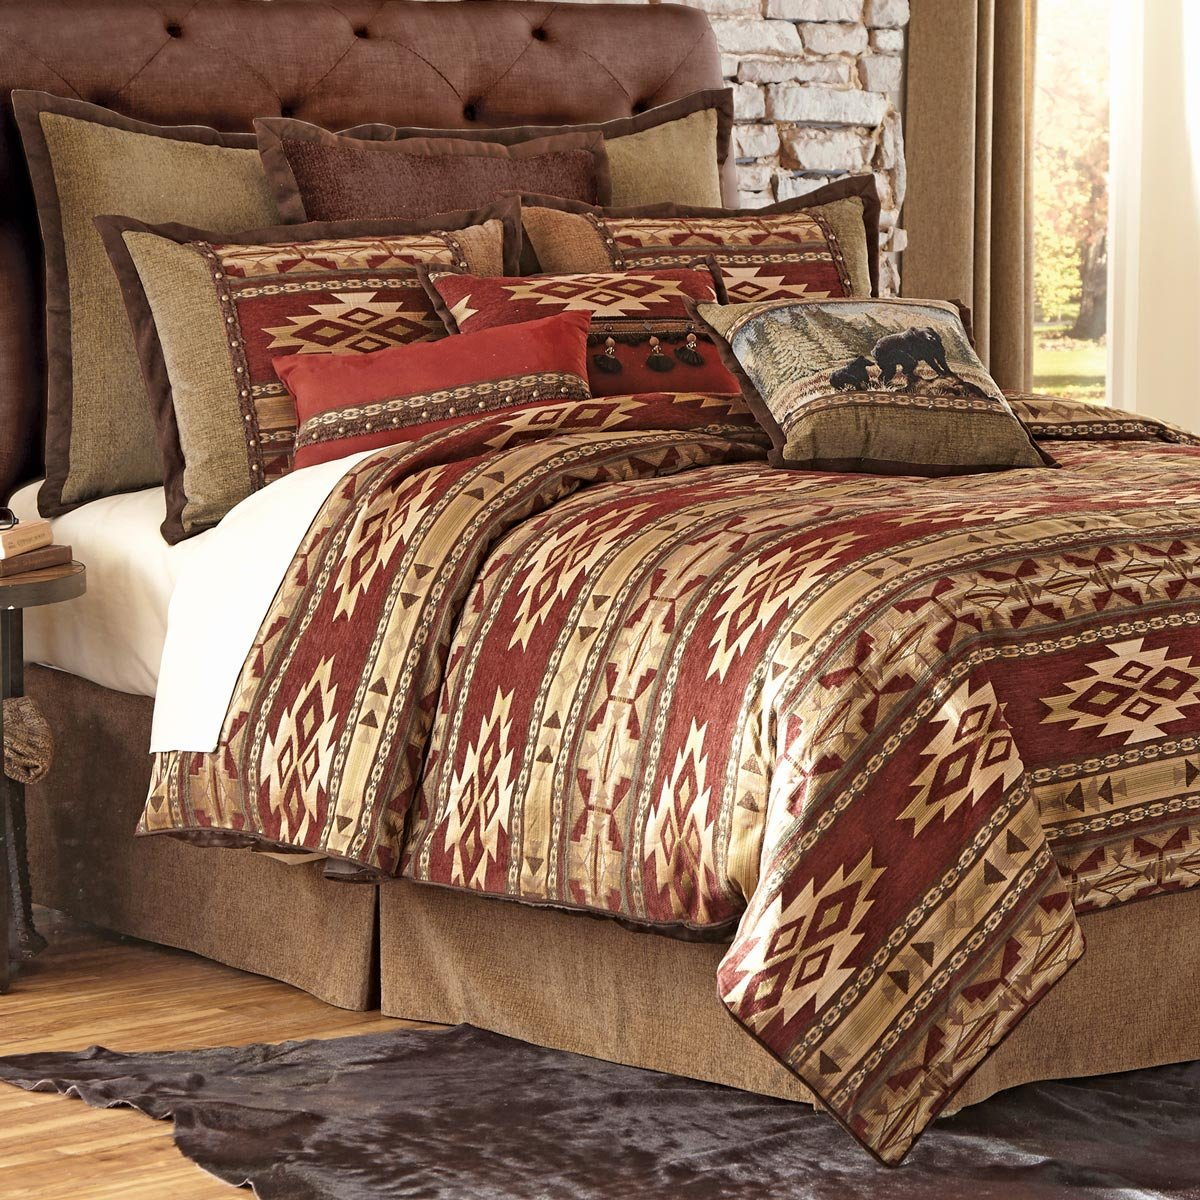 Desert Rust Comforter Set - King